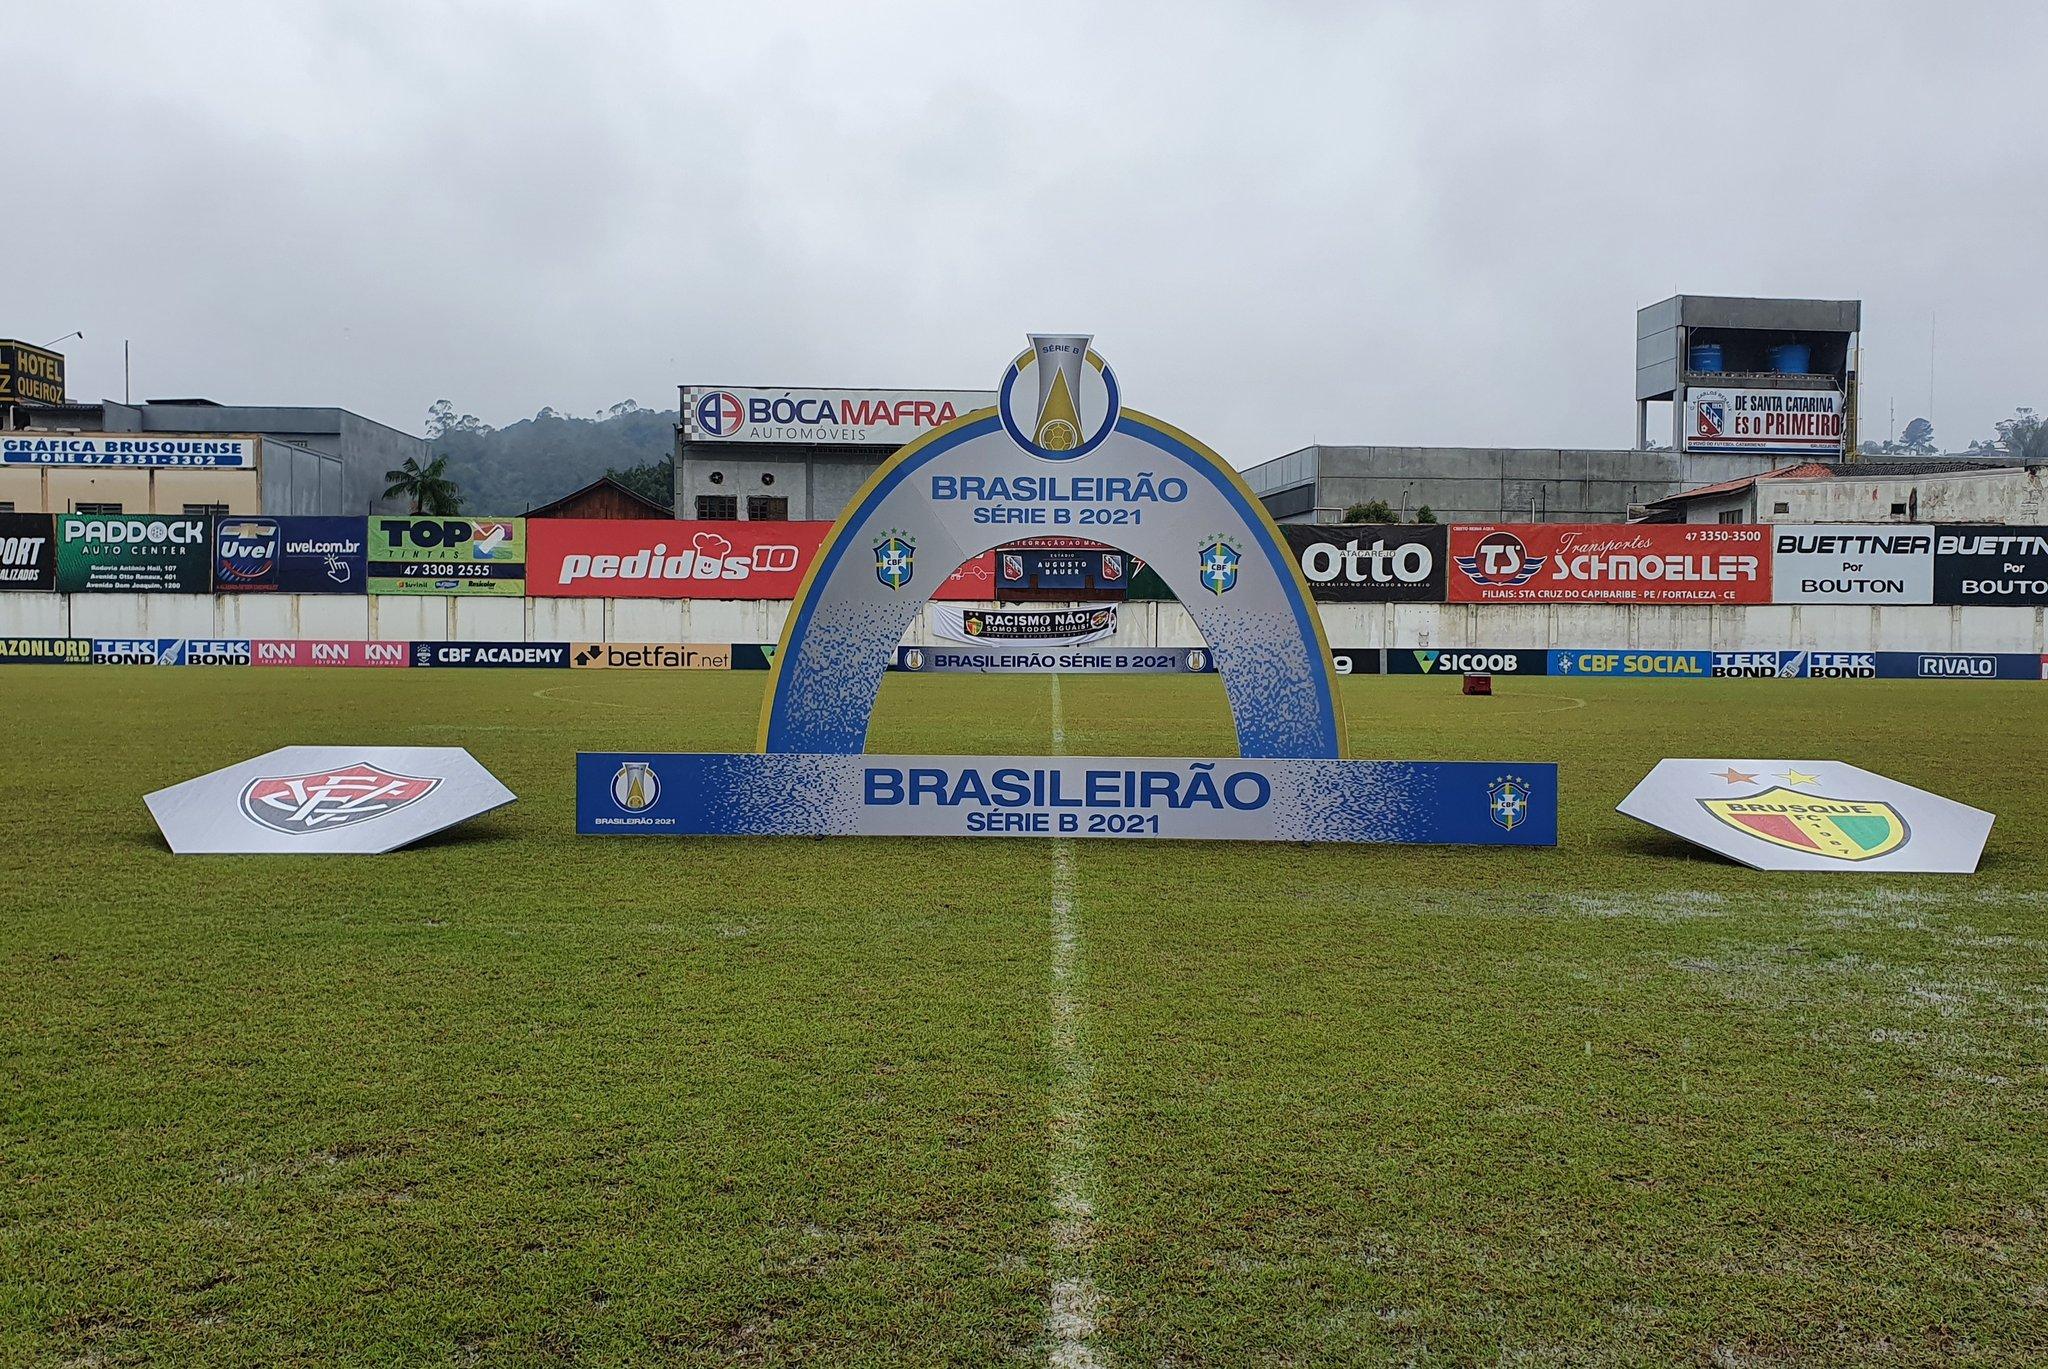 Com metas distintas, Brusque e Náutico se enfrentam na tarde desta terça-feira (02), às 16h, no Estádio Augusto Bauer, em Santa Catarina